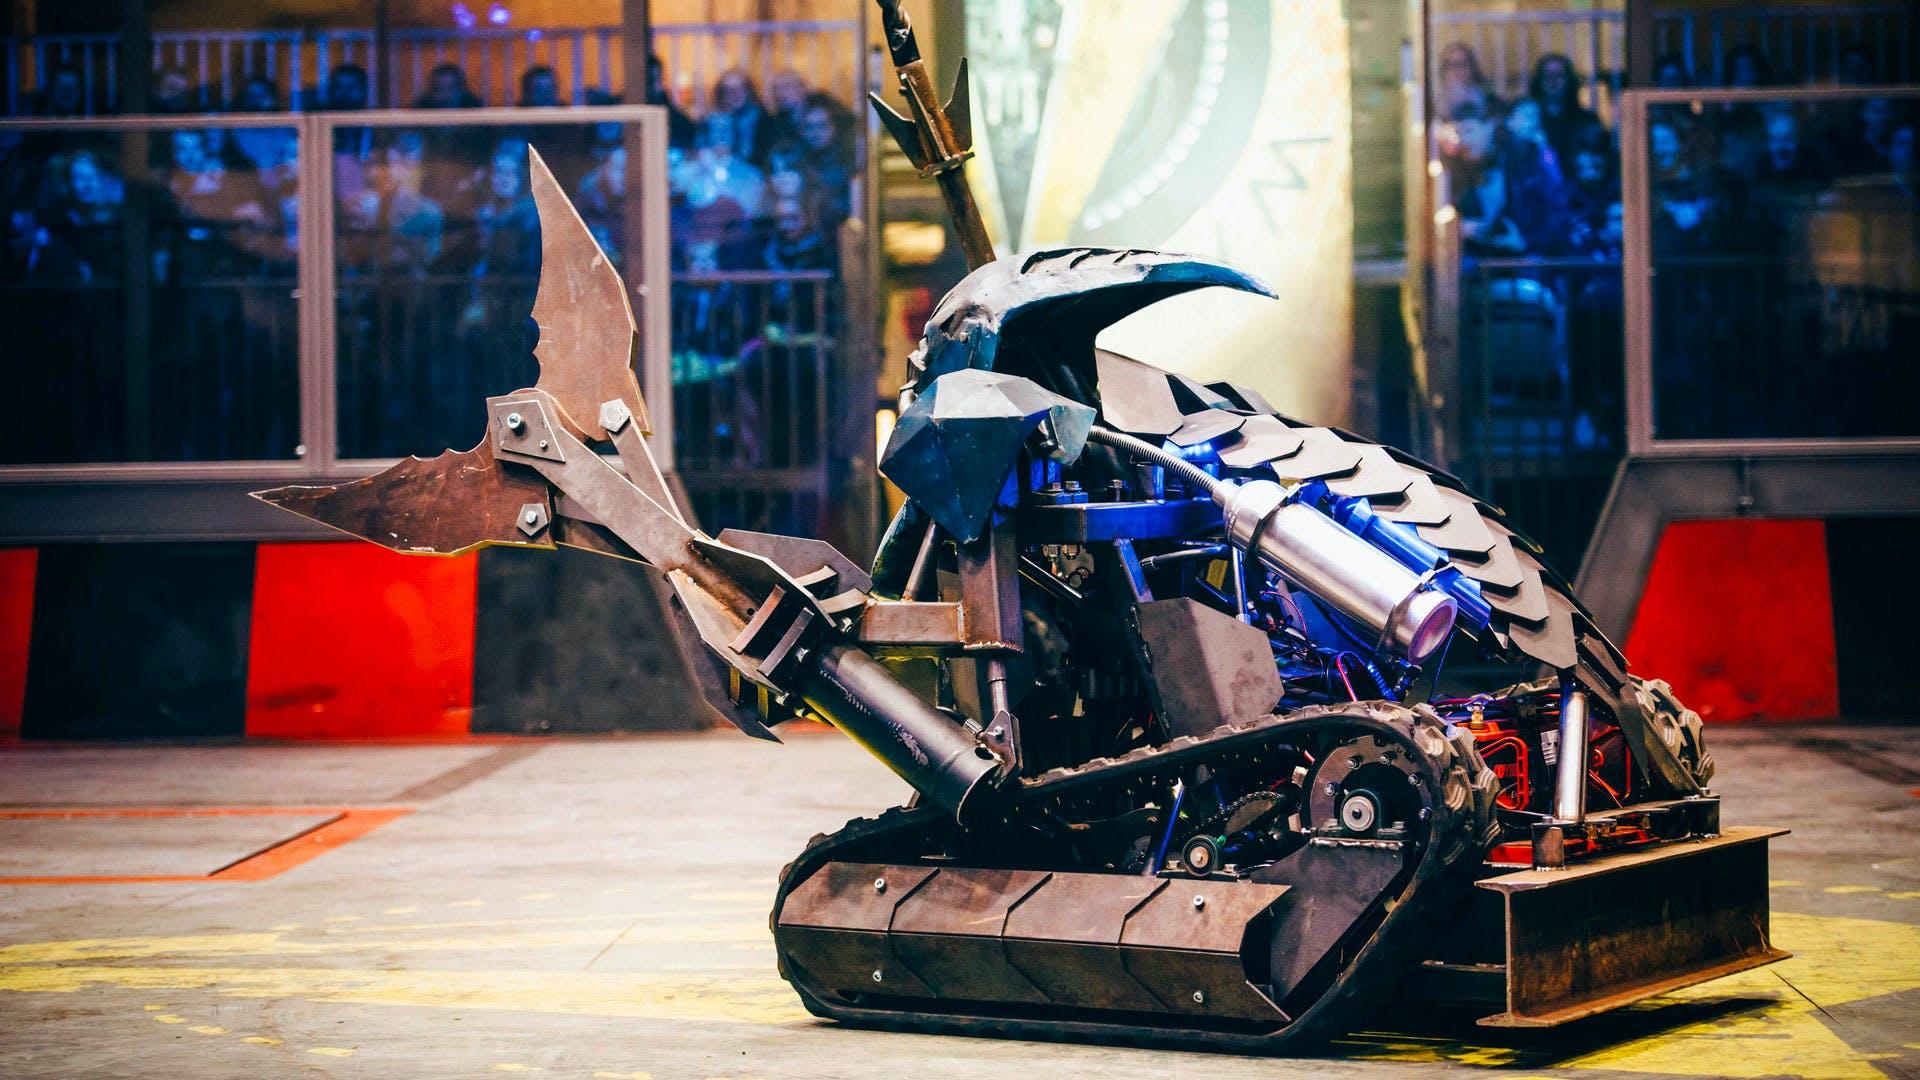 Sir Killalot from Robot Wars